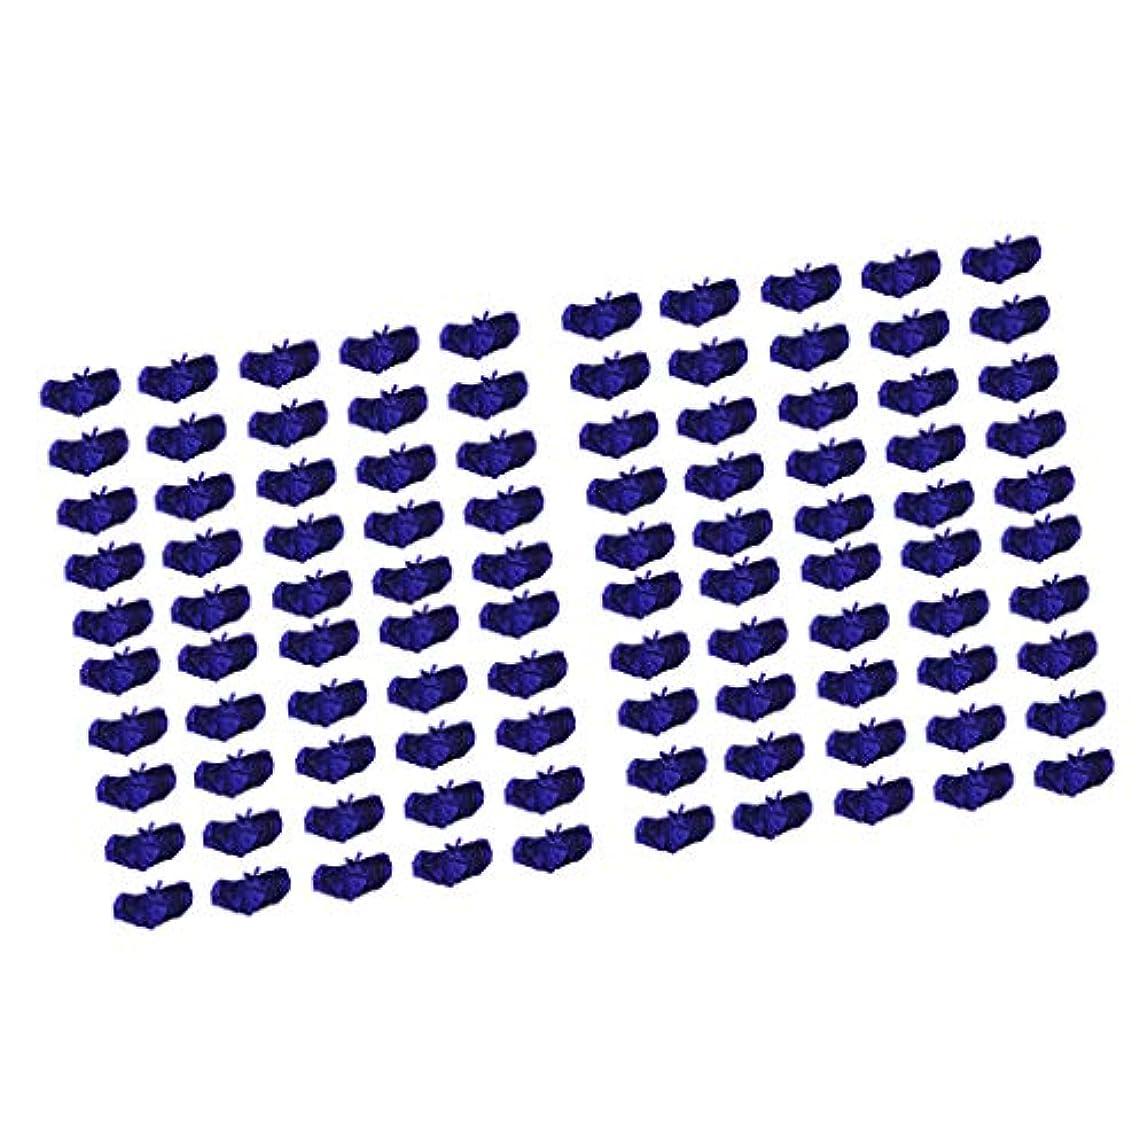 グラスいま推定P Prettyia ブラジャー ブラ 使い捨て 不織布 マッサージ スパ 美容 サウナ ダークブルー 100個セット